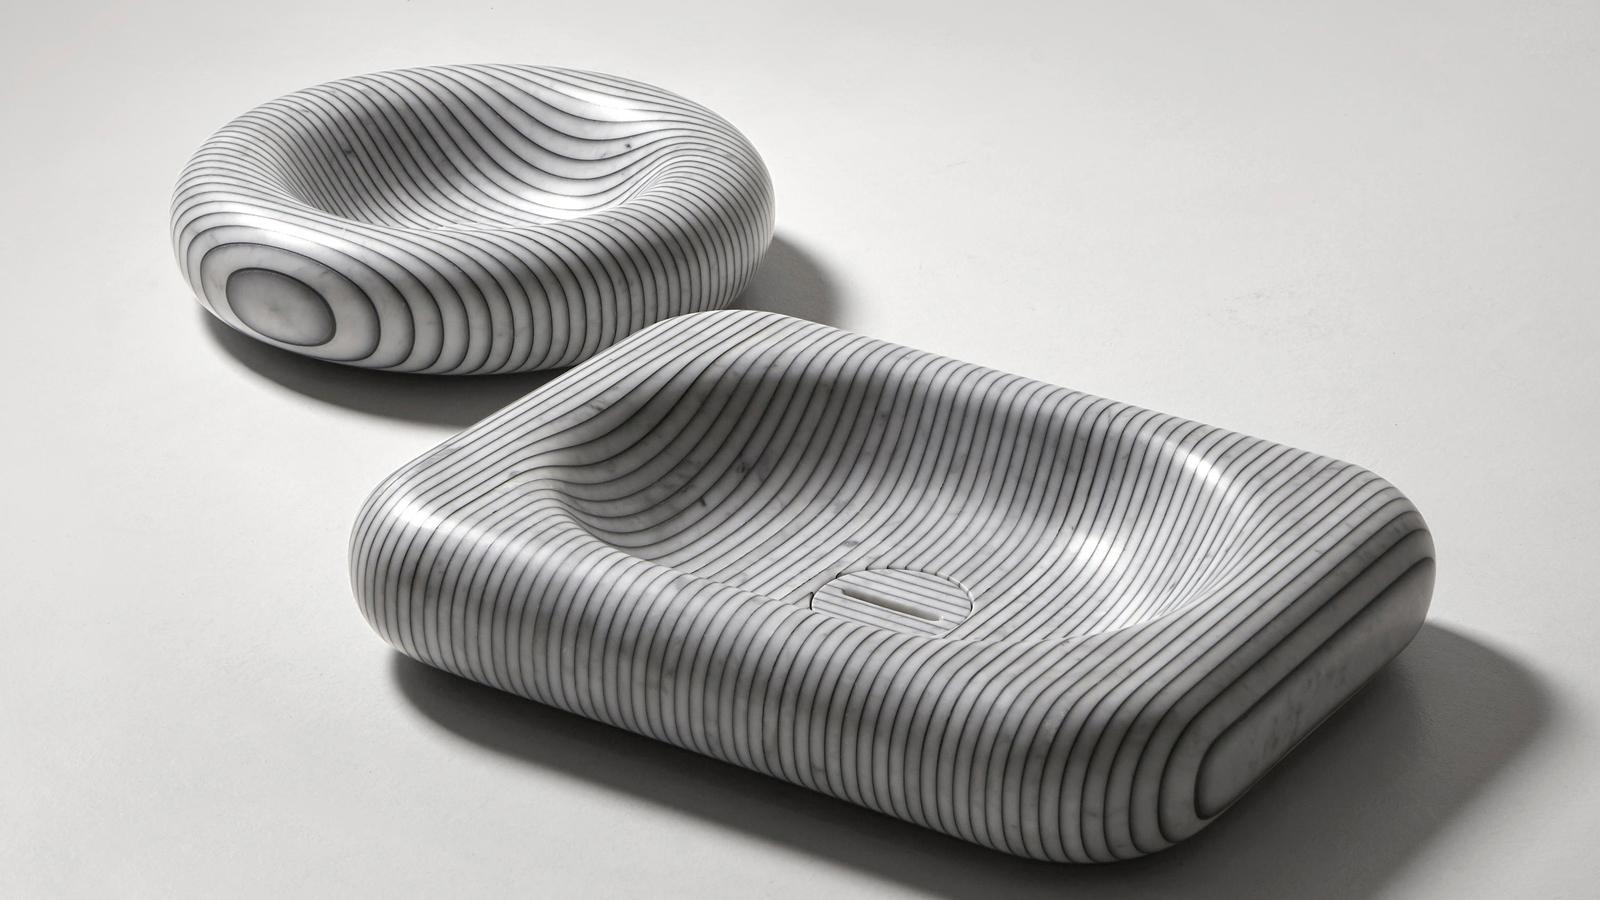 """Egy igazi különlegesség: az eredeti carrarai márványból készülő Gessati mosdókagylók az Antonio Lupi máris zajos sikernek örvendő, 2020 elején bemutatott újdonságai, melyeket a Gumdesign tervezett. A hype nem véletlen, ugyanis a Gessati-ban az ősi alapanyag a legmodernebb technológiával és a divat világát is felidéző, csíkos mintázattal találkozik. Gyártása során az 1-2 cm vastag """"márványszeleteket"""" színezett műgyantával ragasztják egymáshoz, így jön létre az a látványos minta, mely jelenleg három formában – kerek, ovális vagy négyzetes változatban – is elérhető. A márvány természetes erezetének köszönhetően ráadásul minden darab garantáltan egyedi, így a Gessati a fürdőszoba valódi ékessége lehet."""